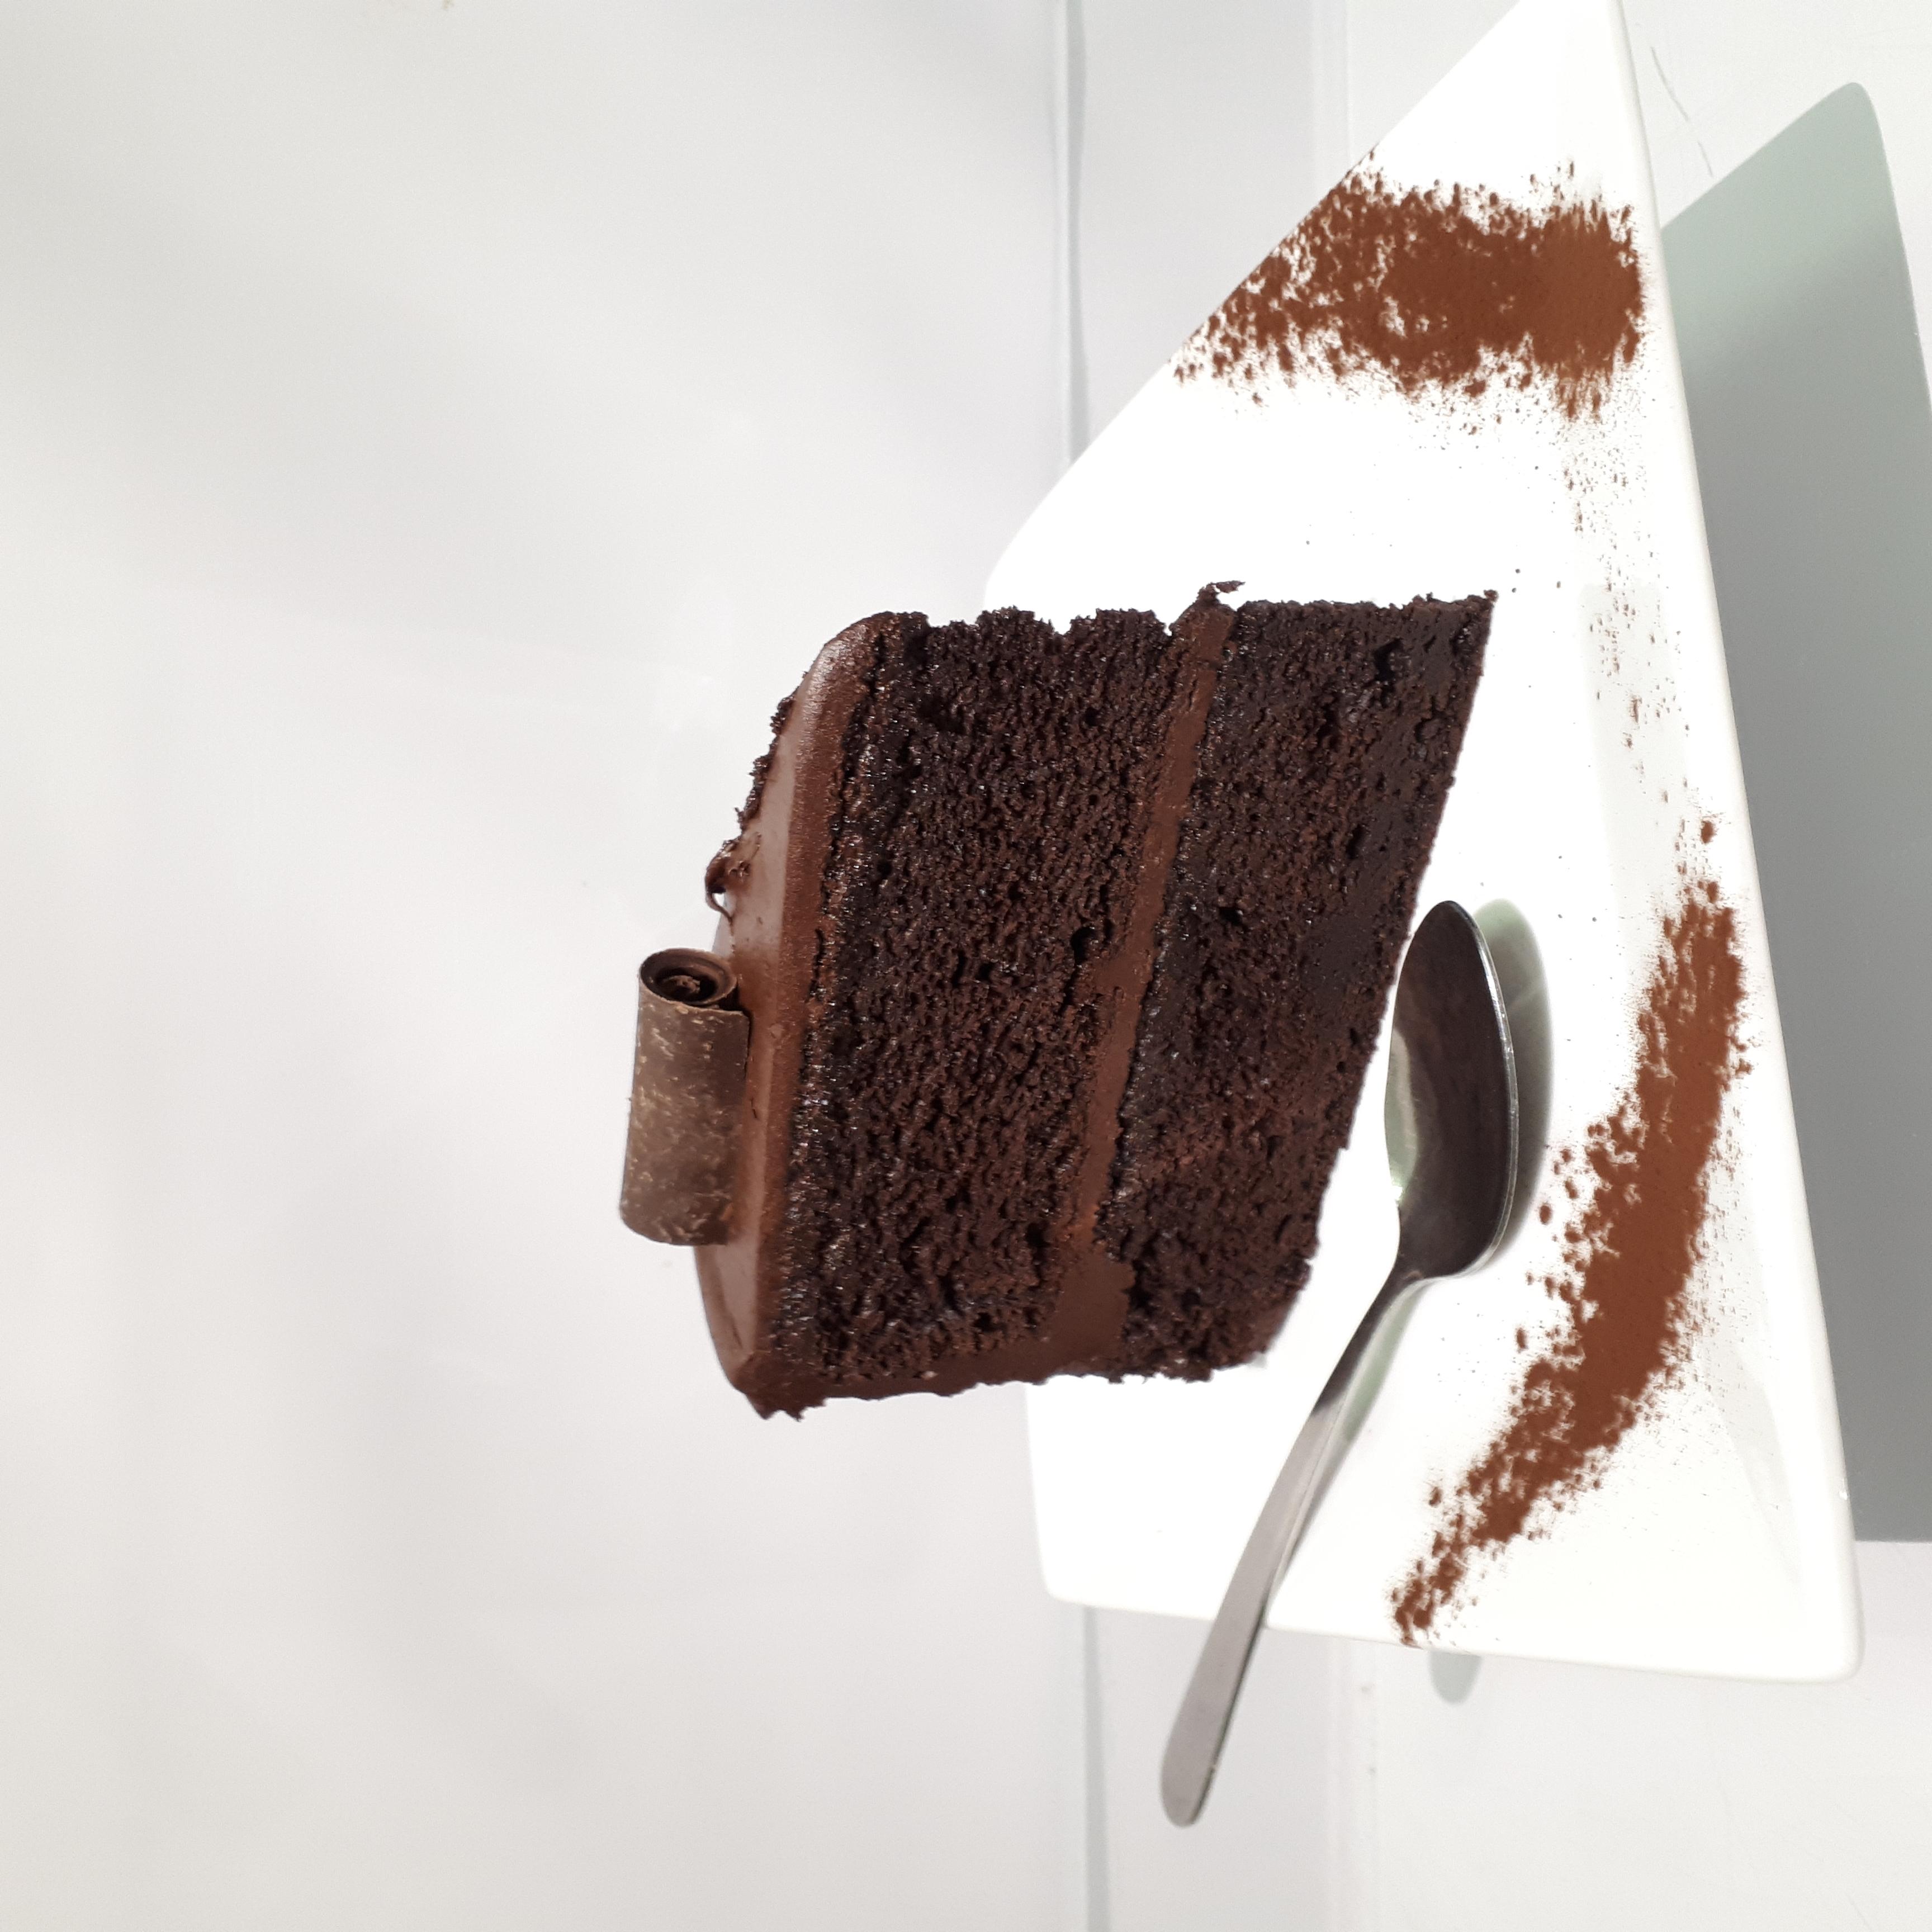 Gâteau_classique_portion_(11)